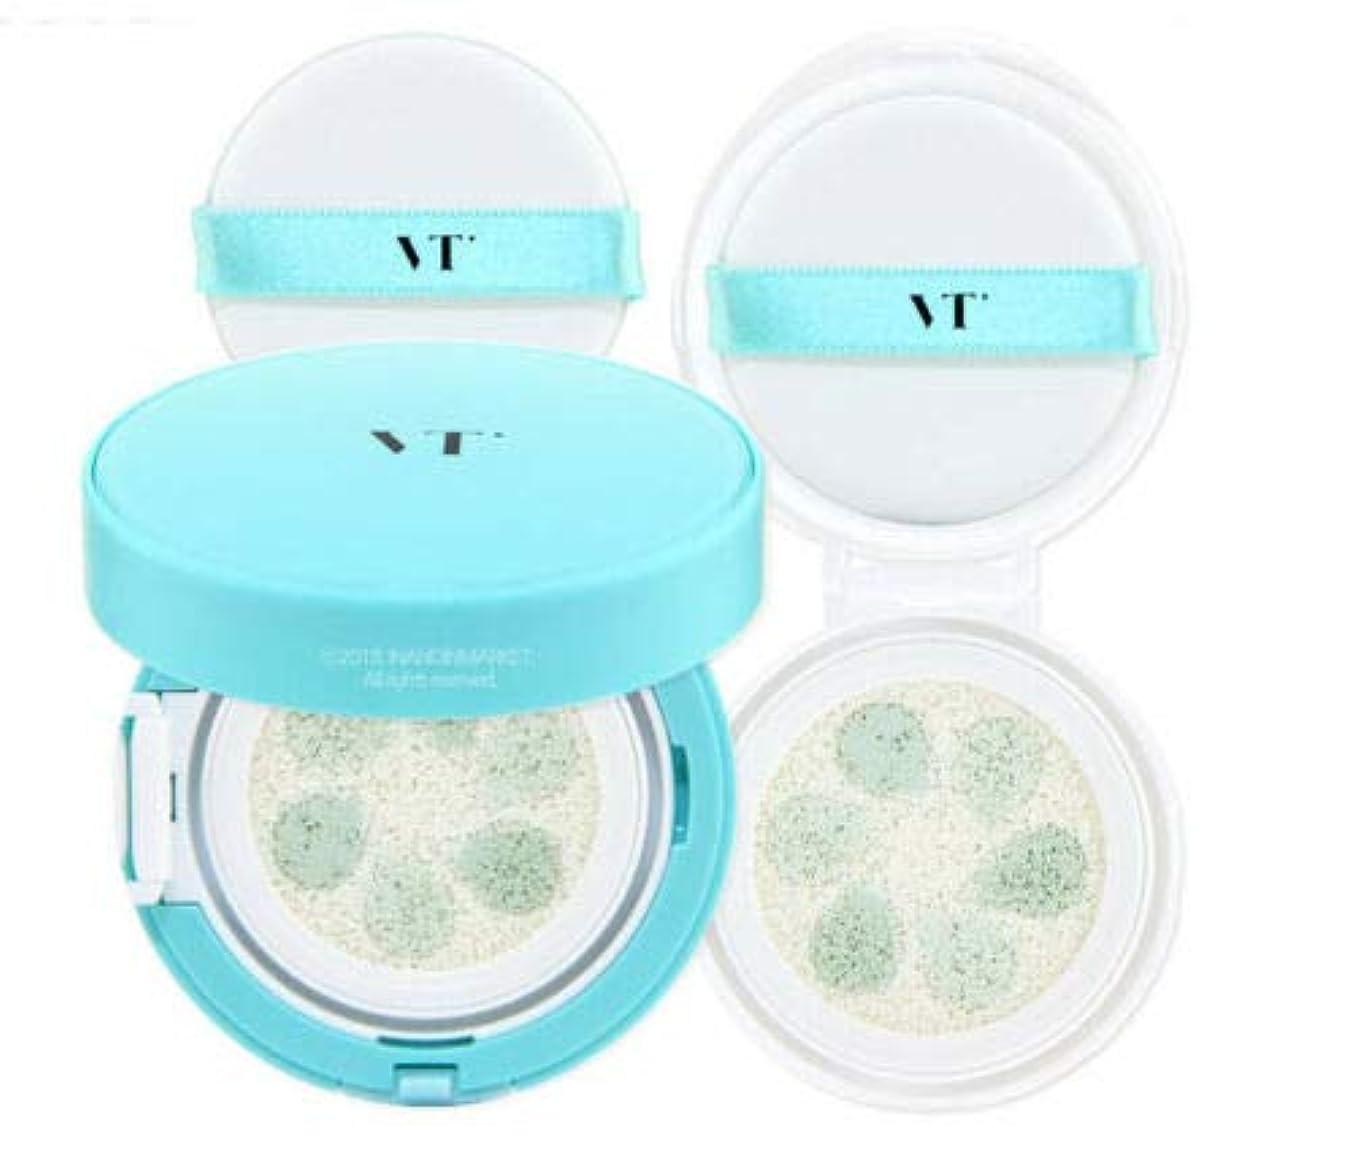 スカープテレックス頻繁にVT Cosmetic Phyto Sun Cushion サンクッション 本品11g + リフィール11g, SPF50+/PA++++